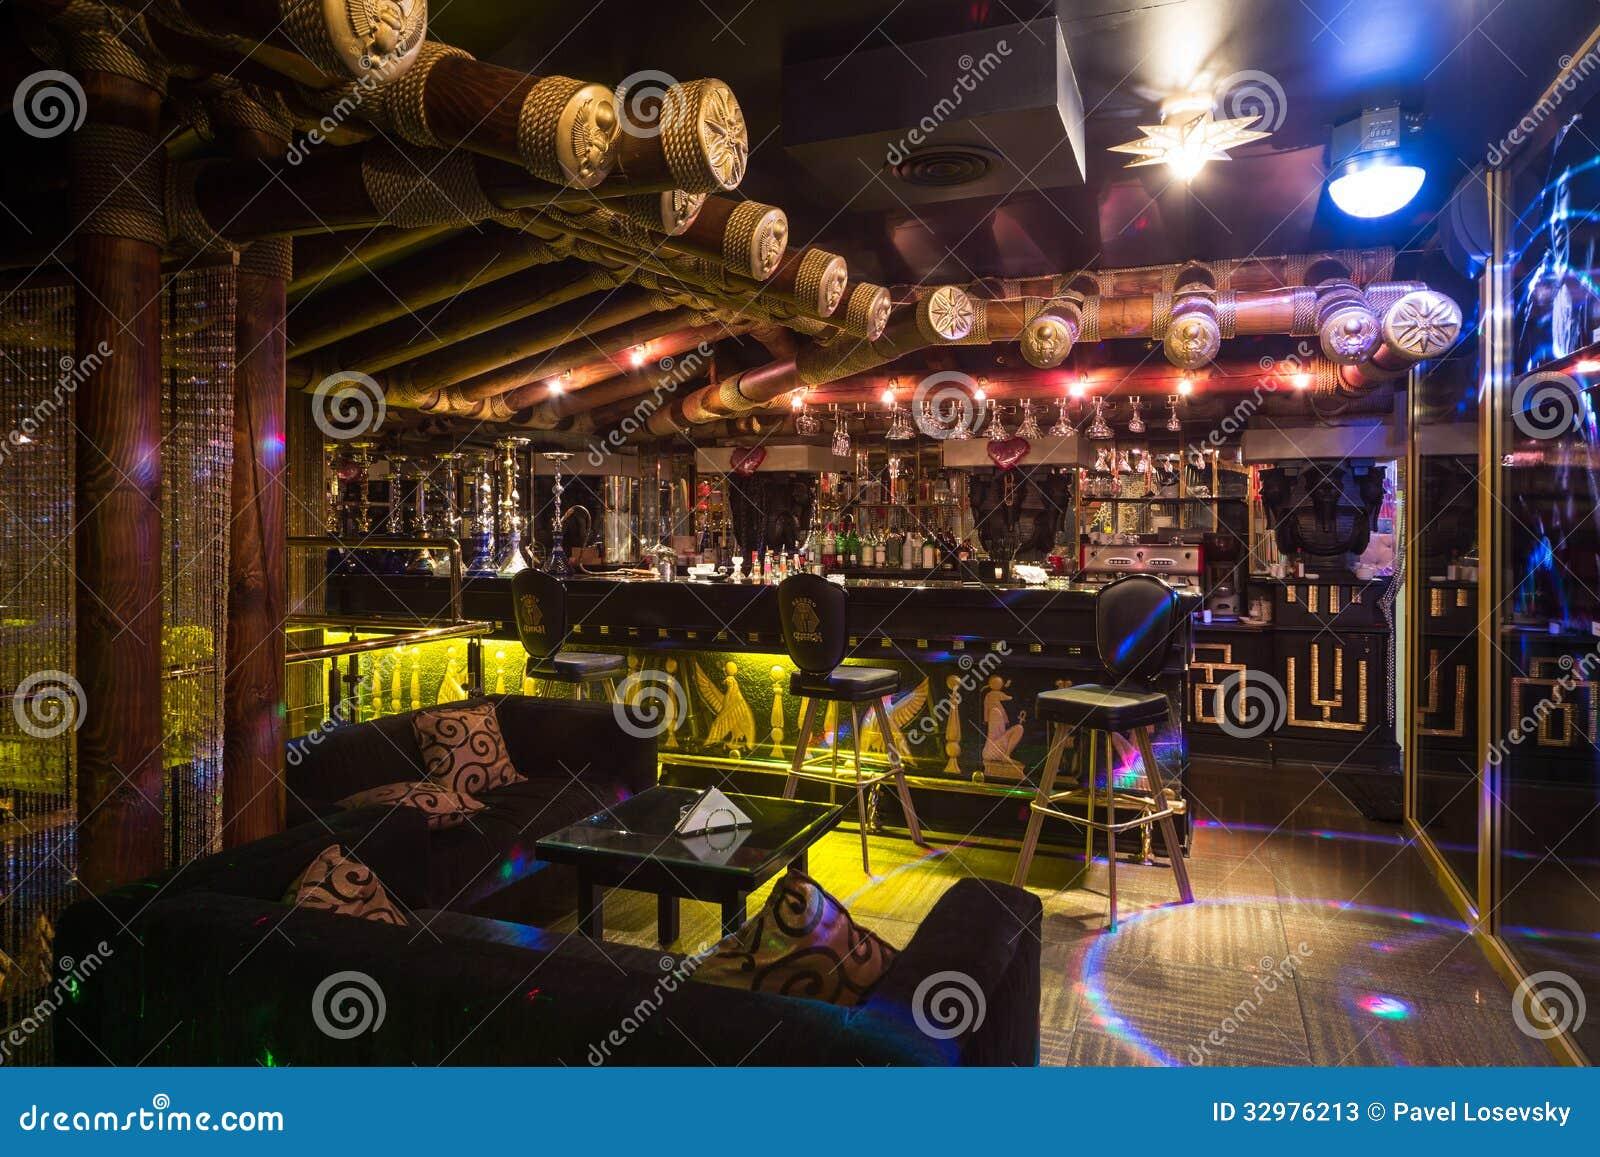 Клубы москвы египет дискотека ночных клубов скачать бесплатно